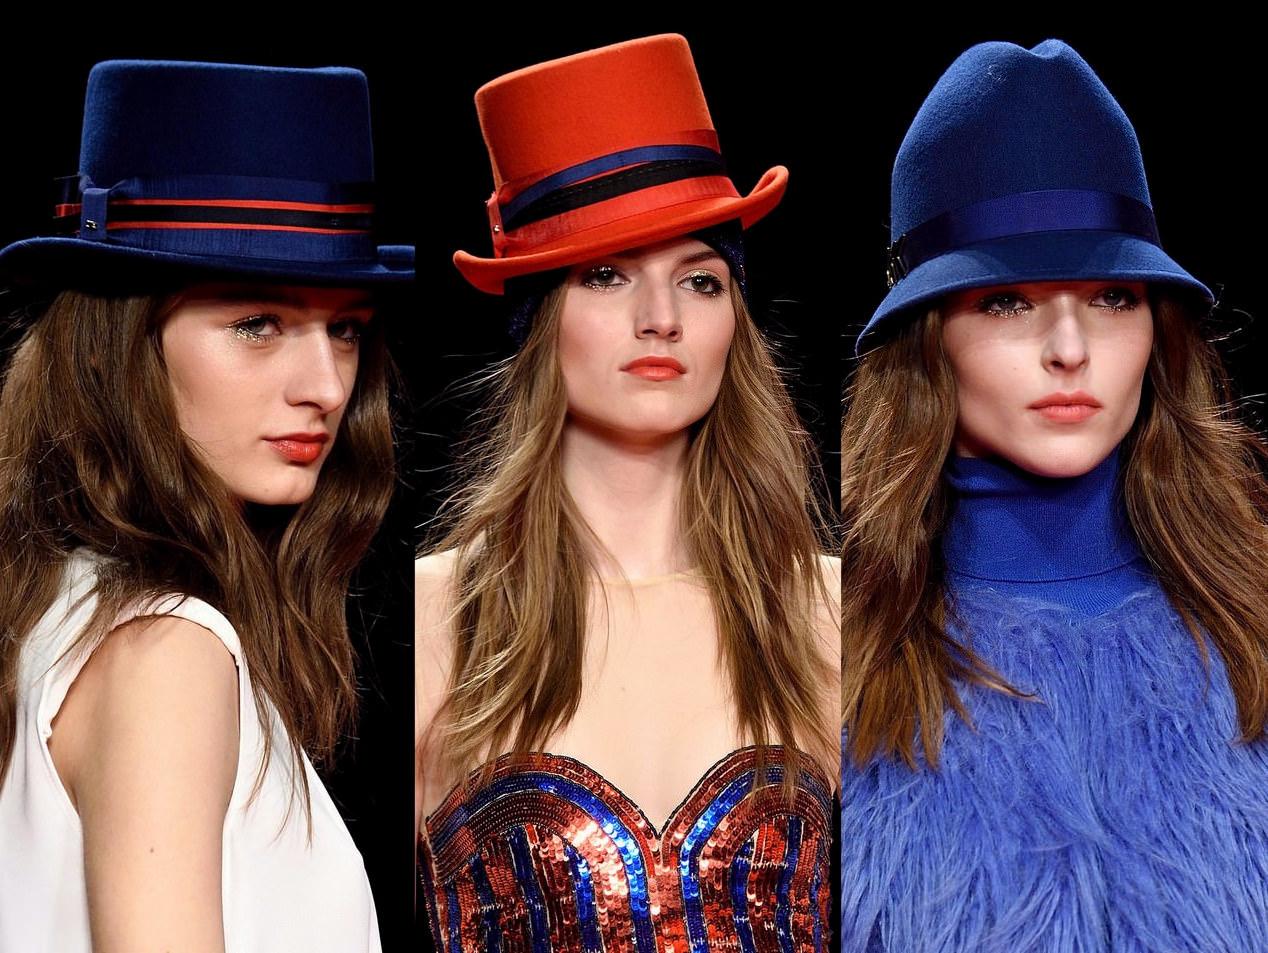 Где купить модные головные уборы в Саратове?